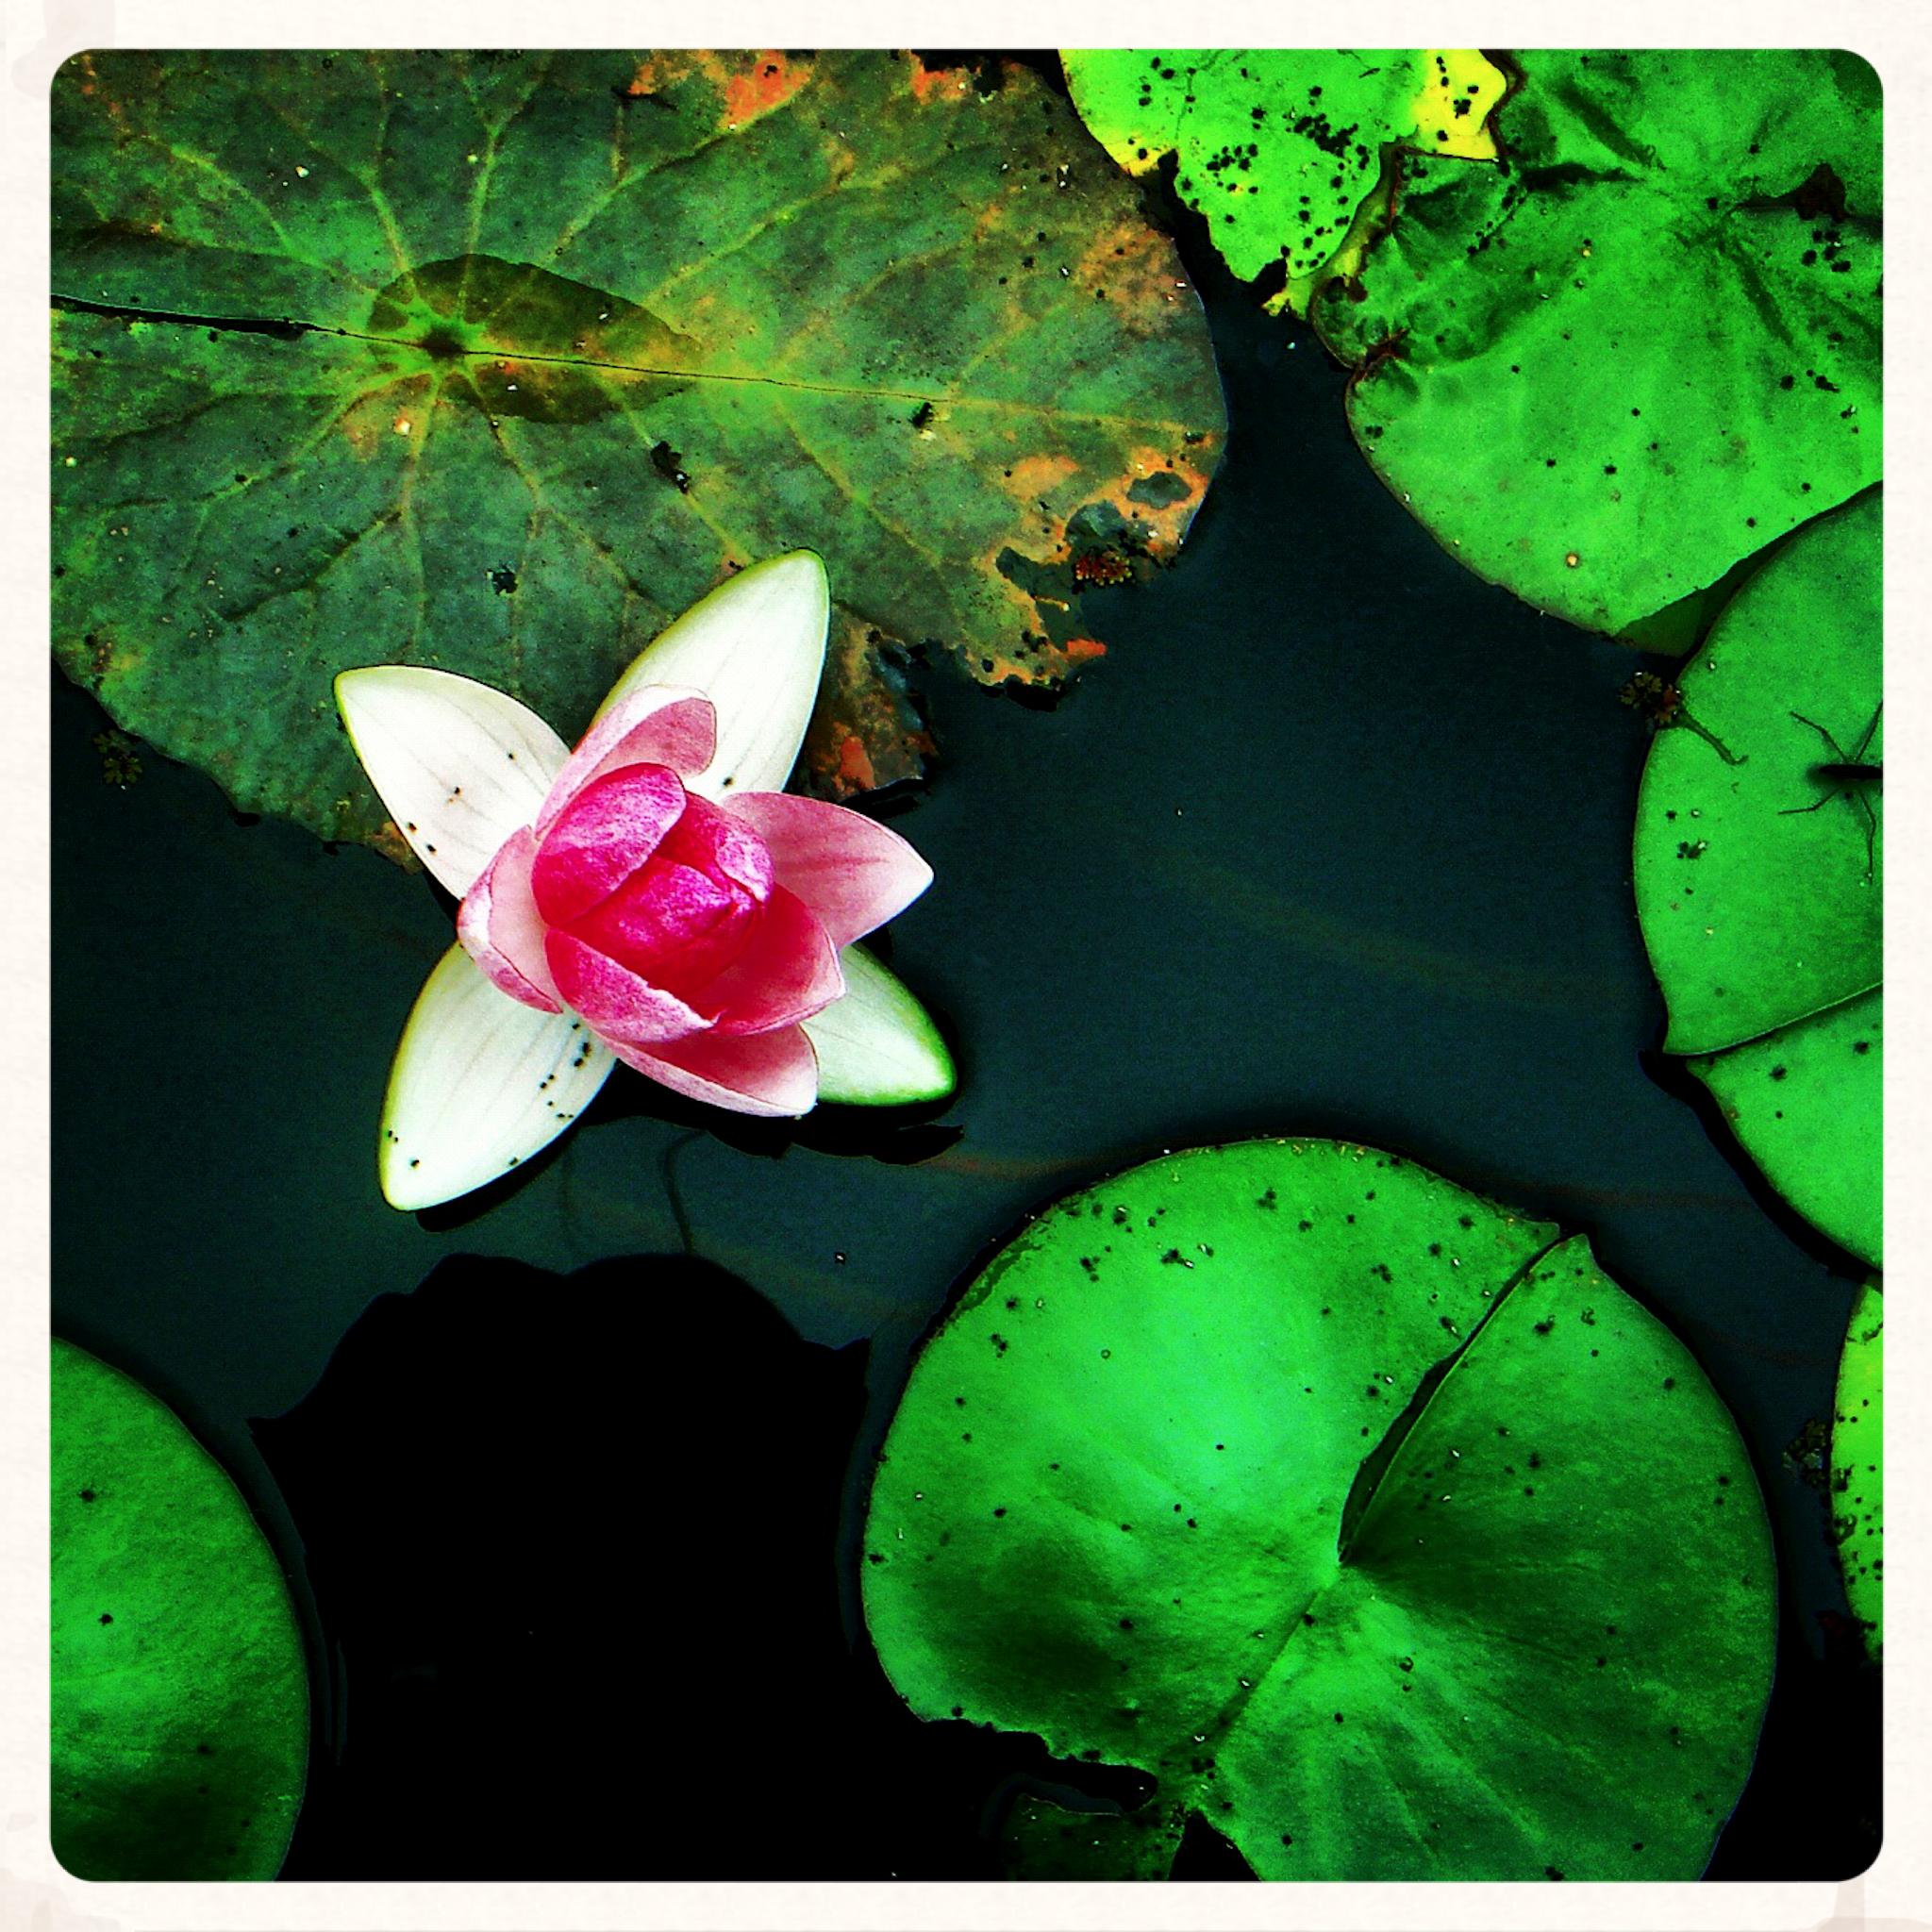 NE_Flowers_044.jpg